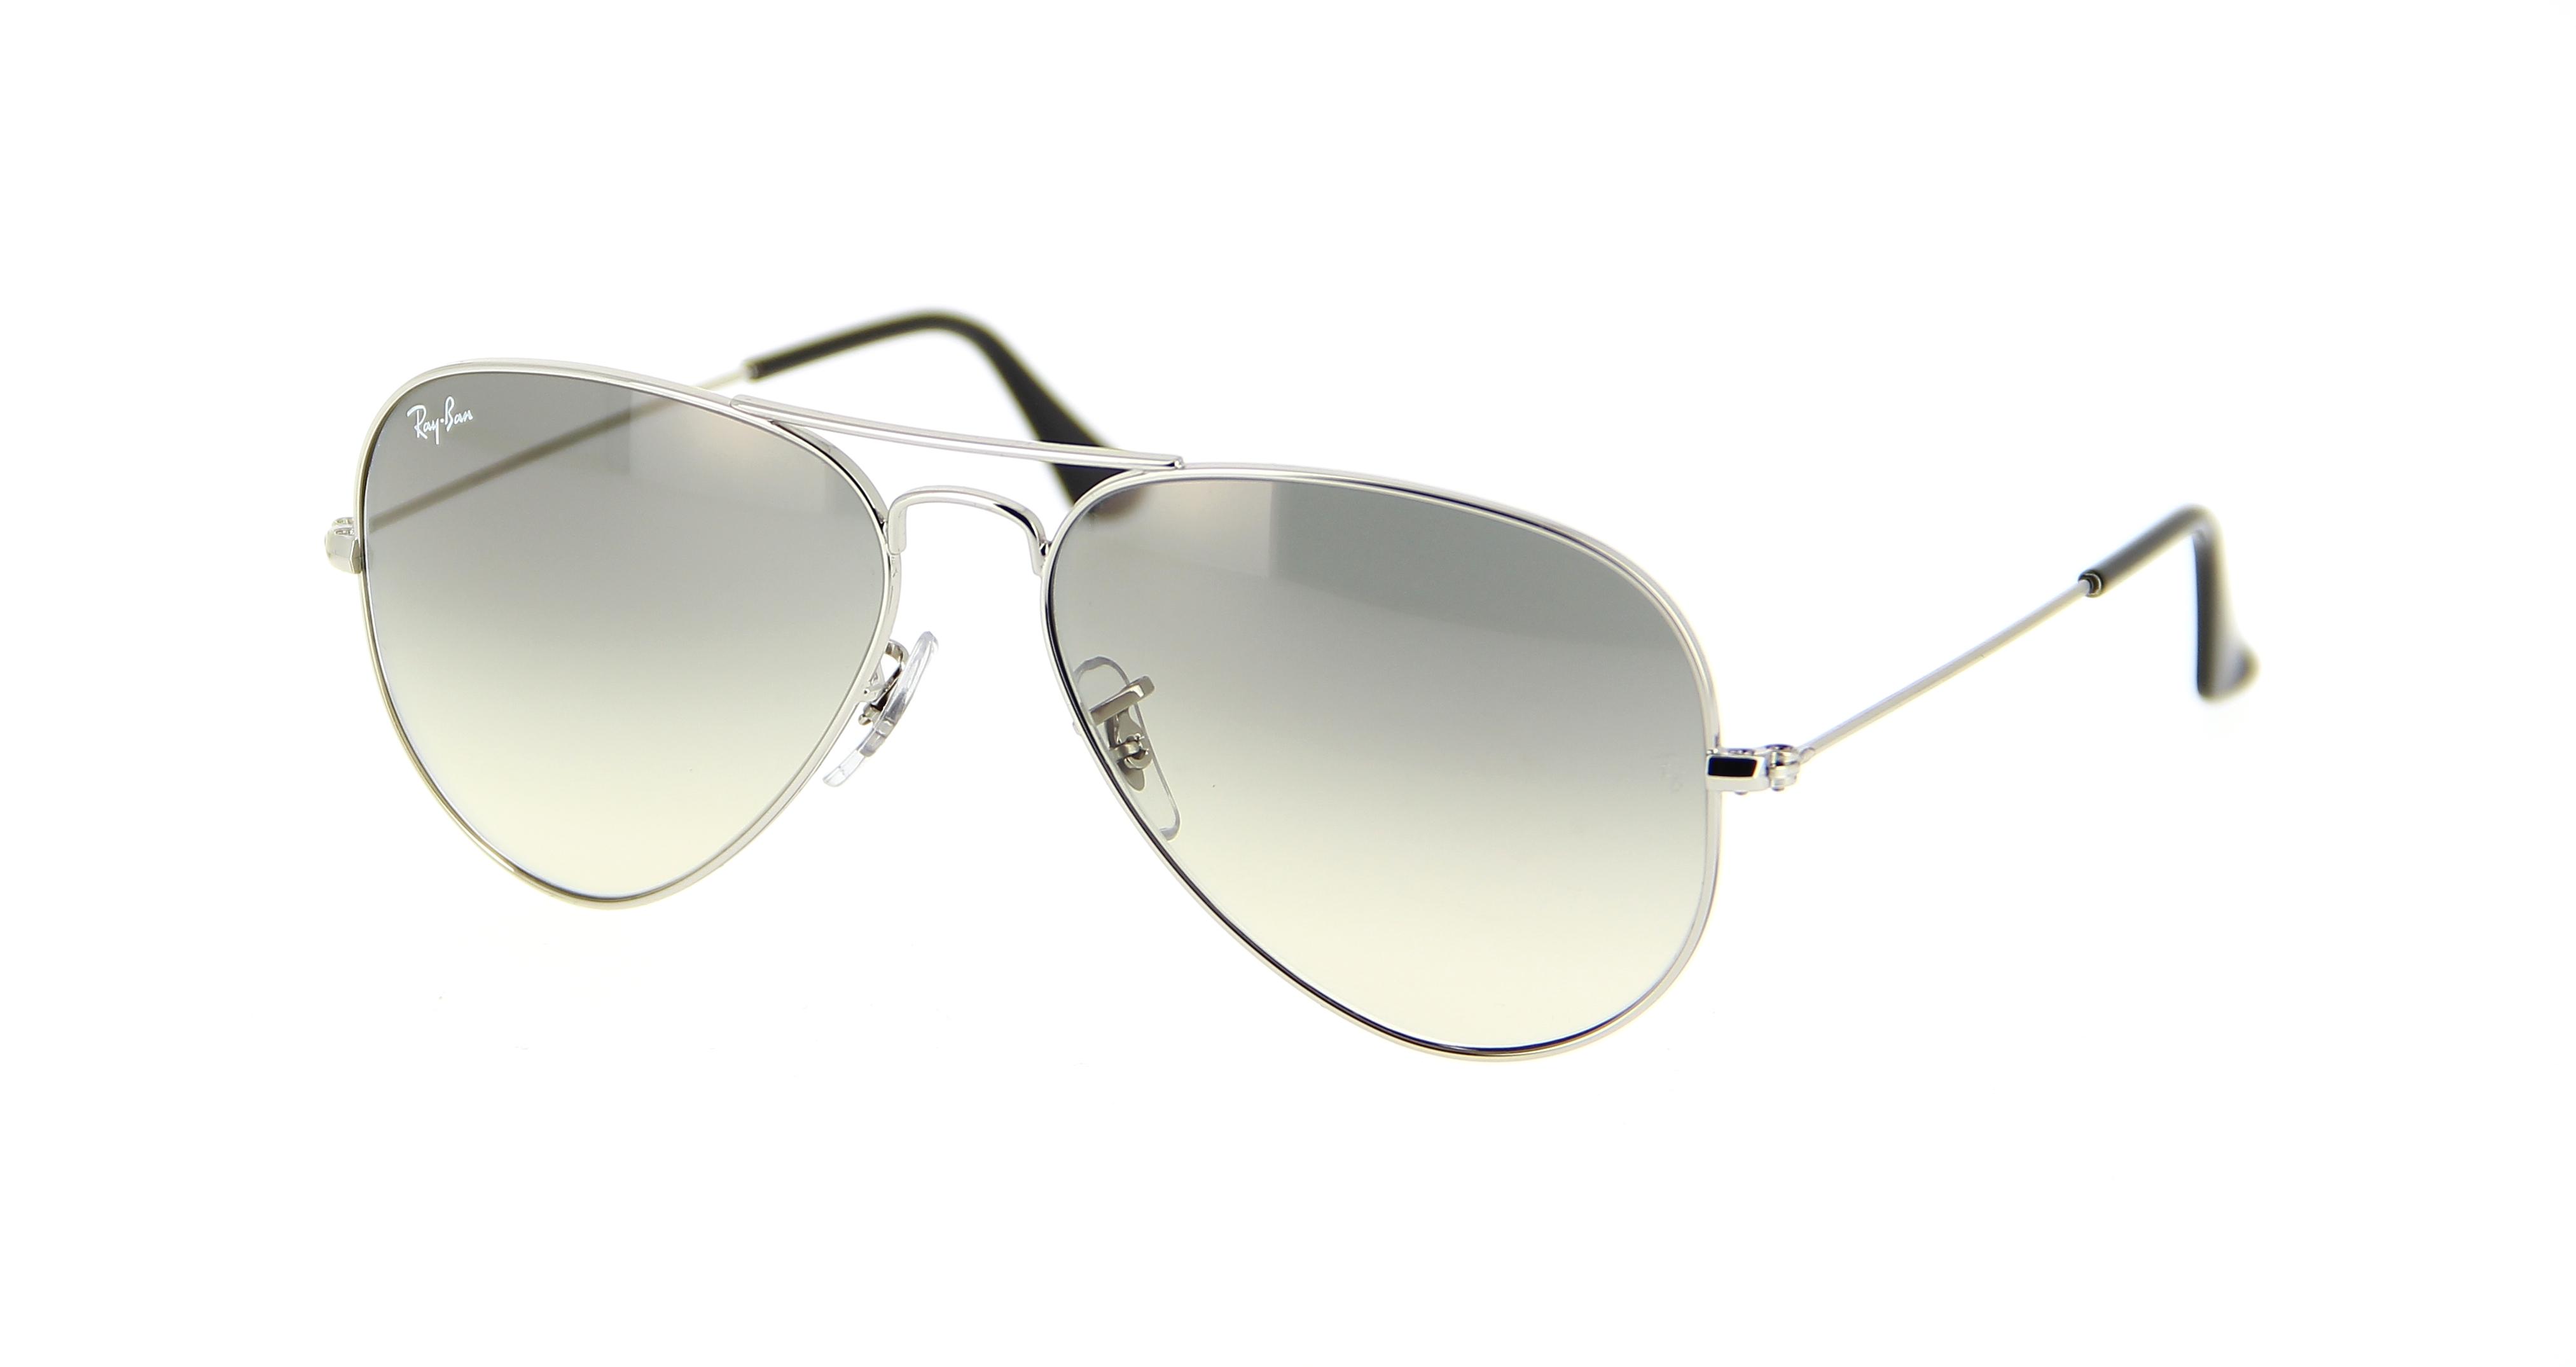 187c494c03d7a Prix de gros lunettes ray ban aviator pas cher France vente en ligne